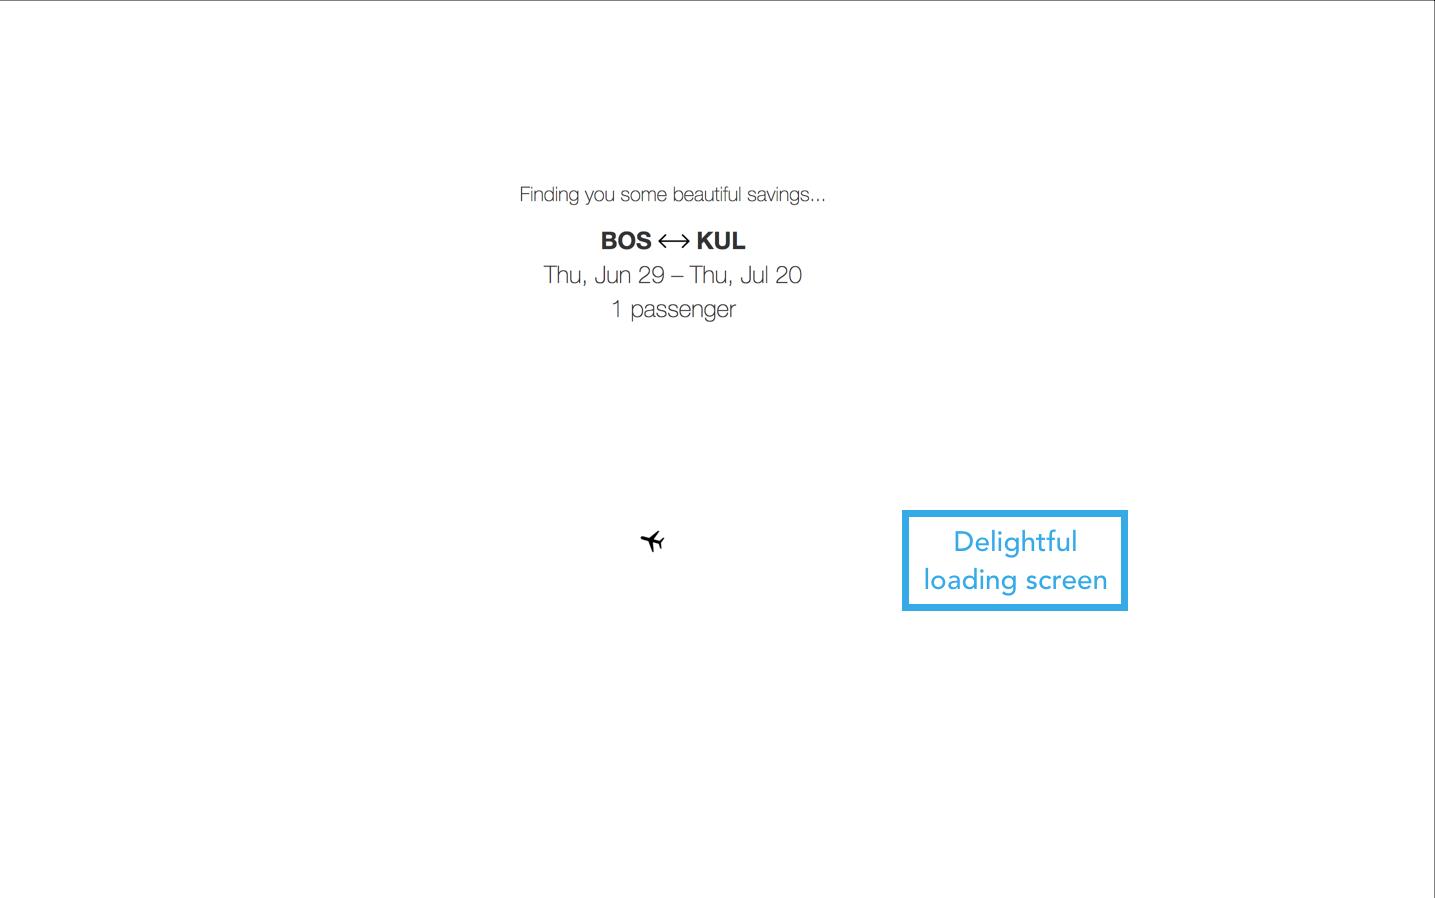 priceline loading screen